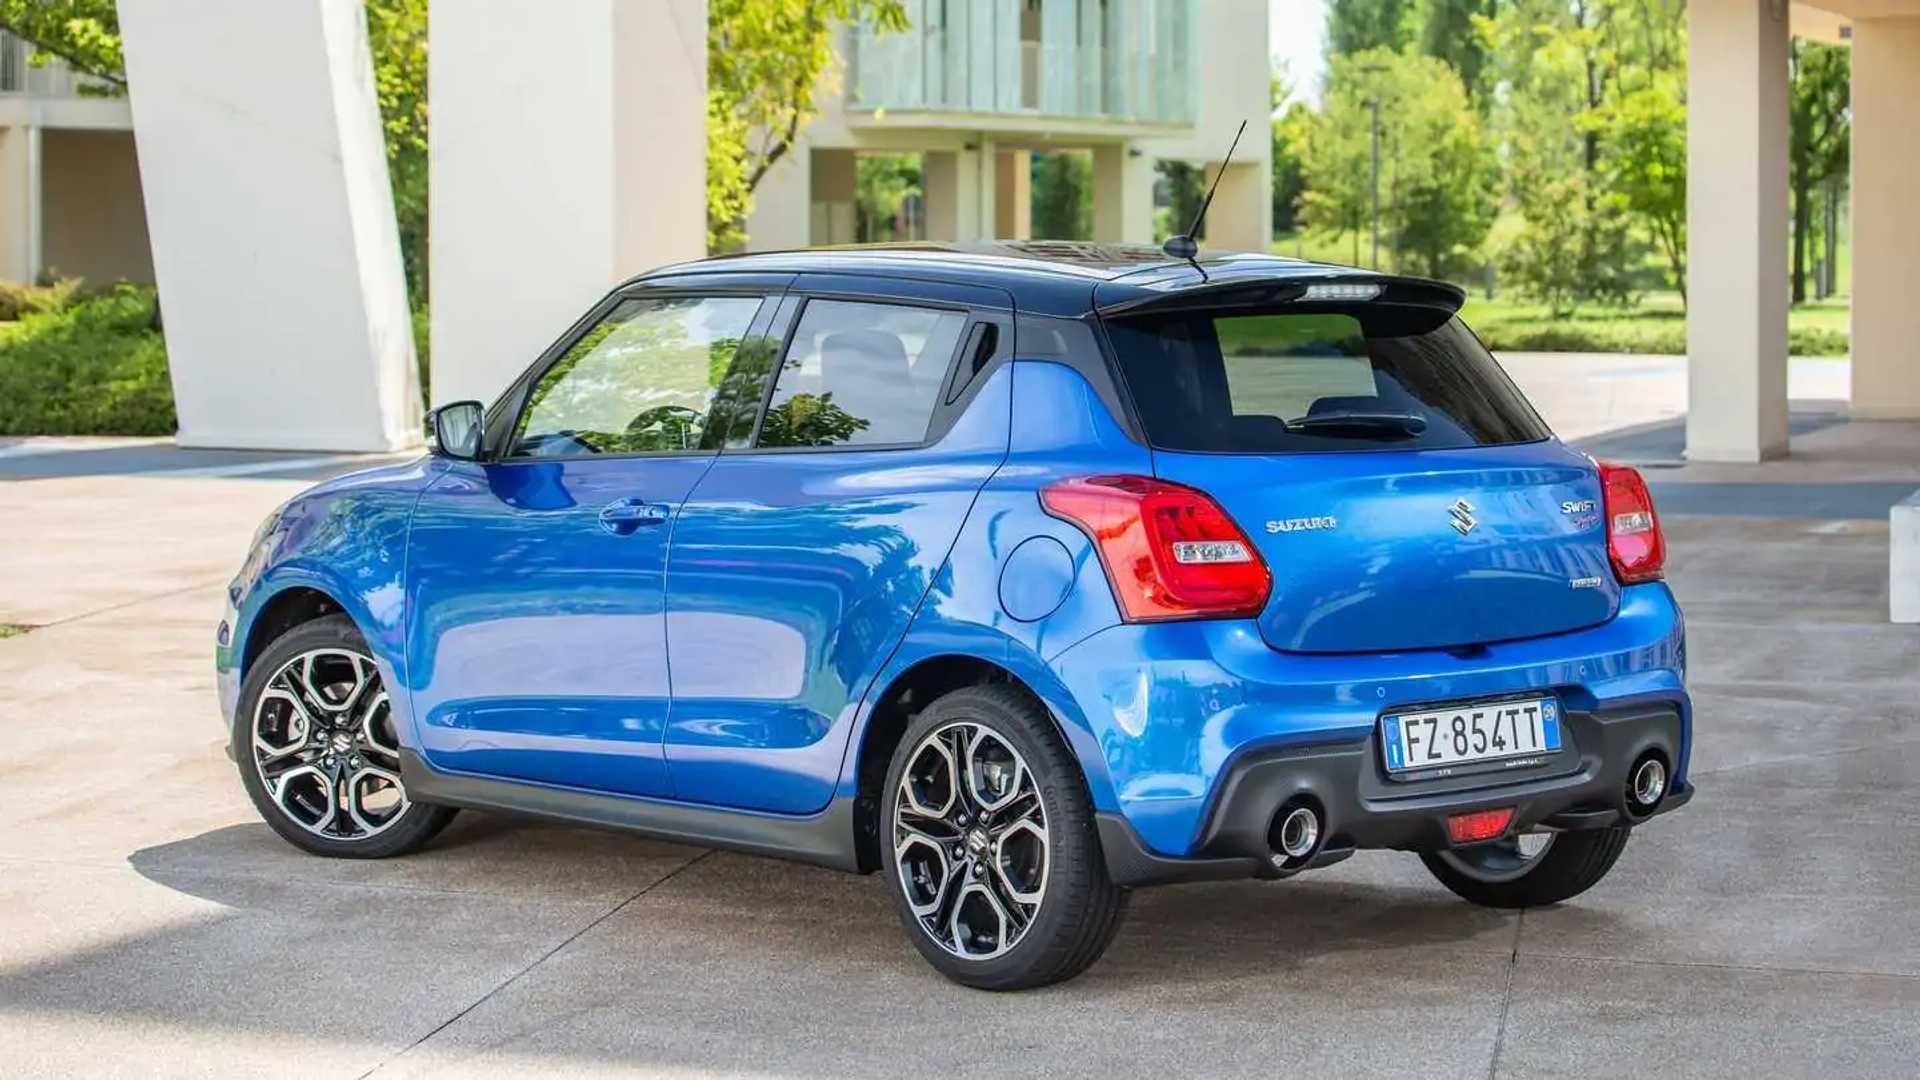 2020 Suzuki Swift Concept